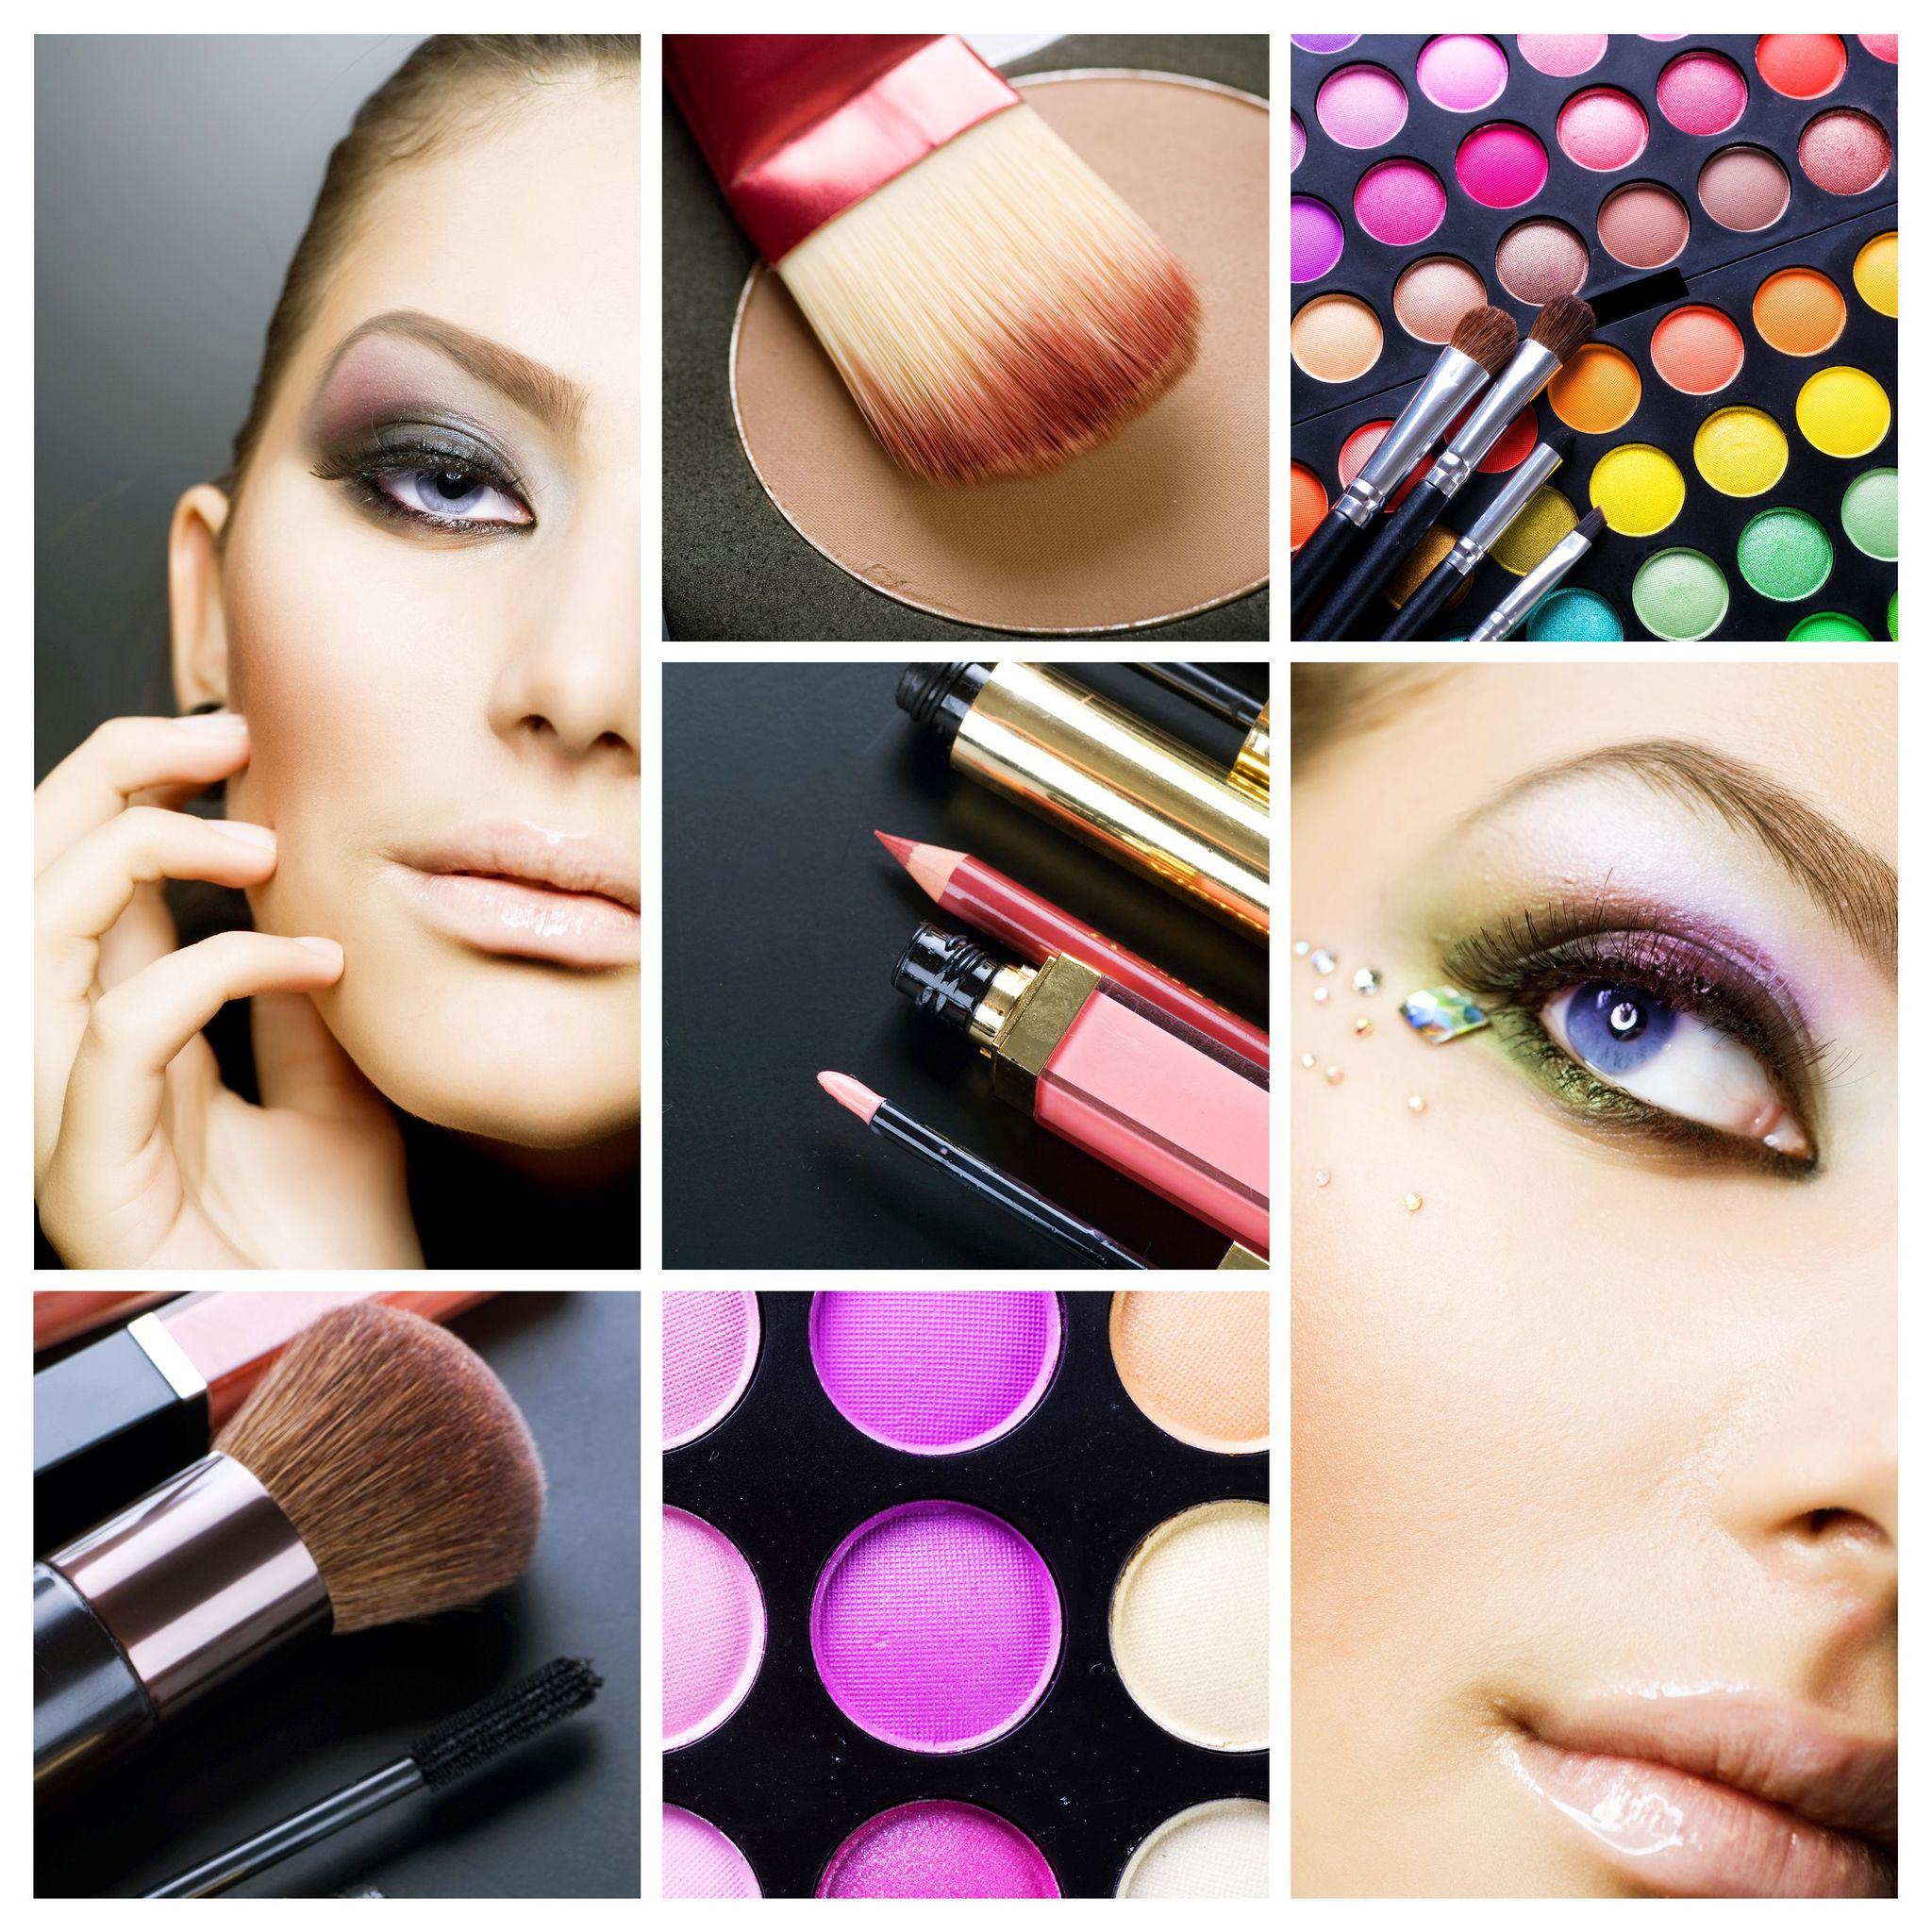 ladies cosmetics items - photo #17